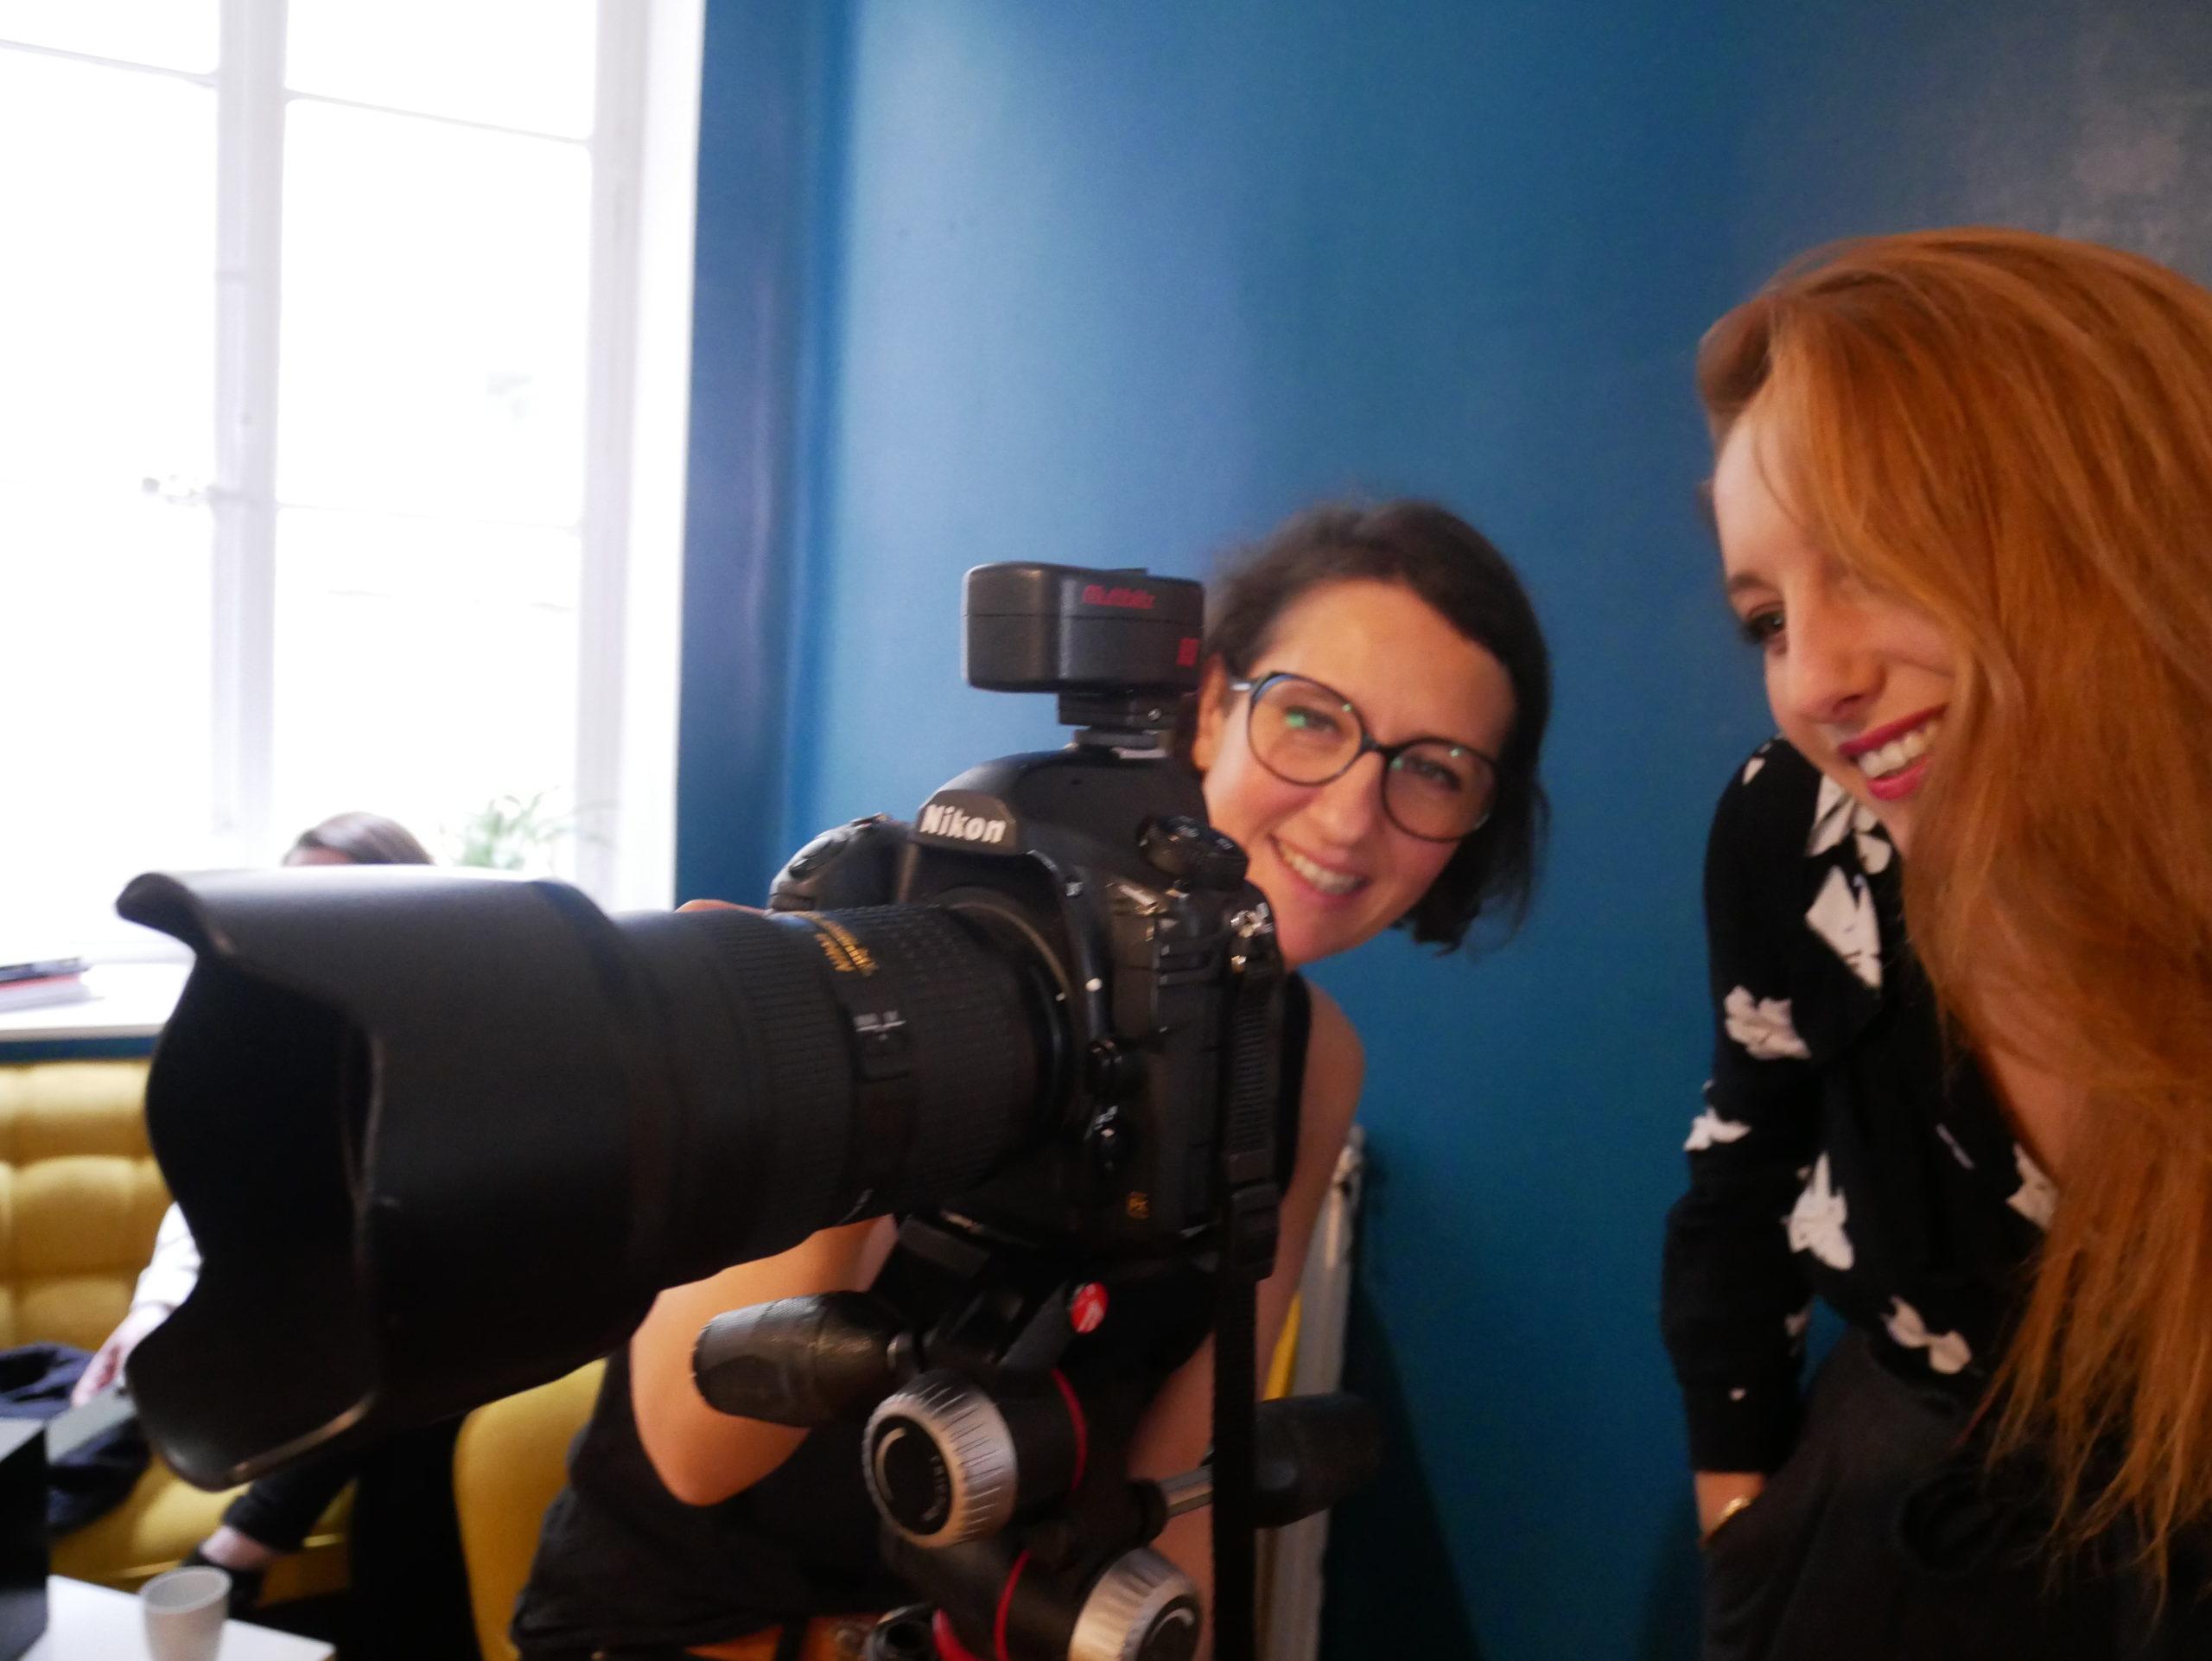 Photographe et Elsa échangeant sur les photos prise au cours du shooting de l'agence